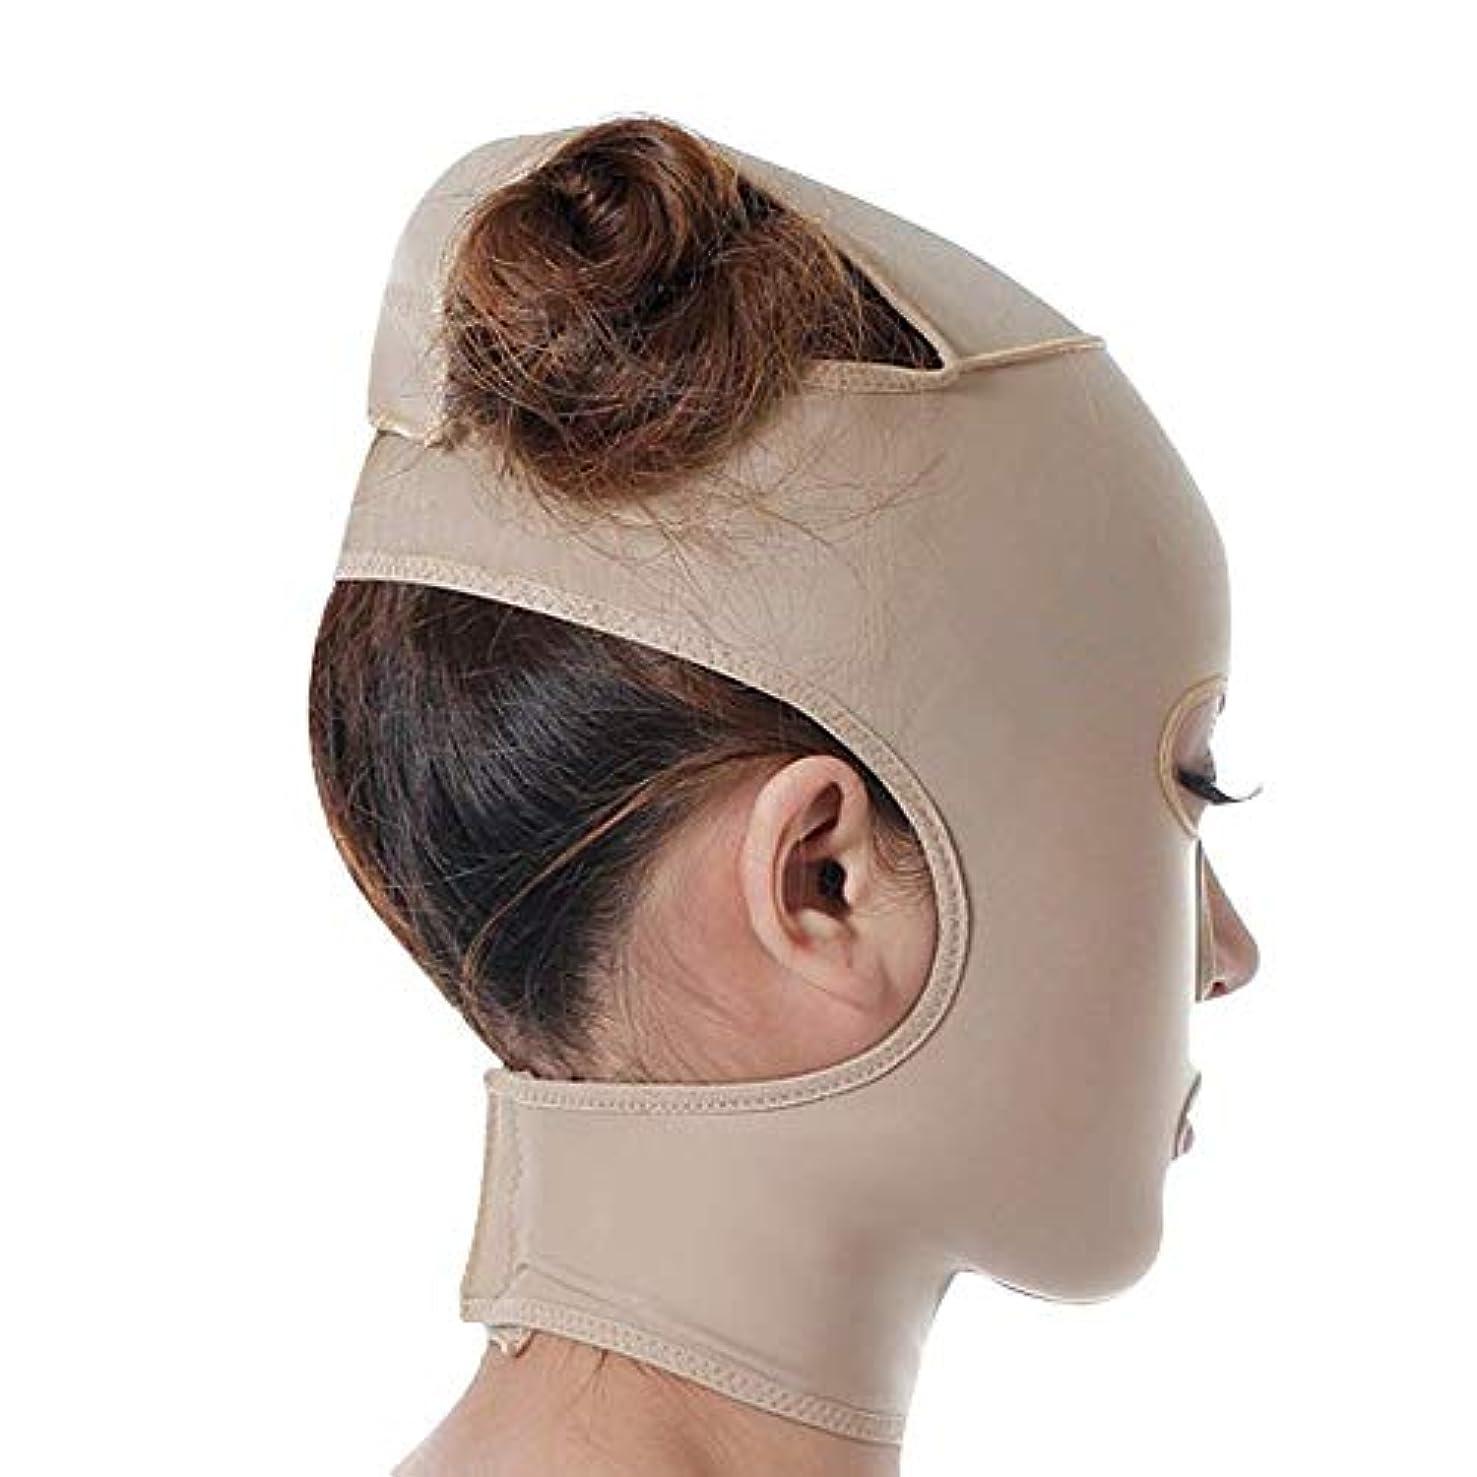 資源禁輸持ってるファーミングフェイスマスク、フェイシャルマスクビューティーメディシンフェイスマスクビューティーVフェイスバンデージラインカービングリフティングファーミングダブルチンマスク(サイズ:Xl)